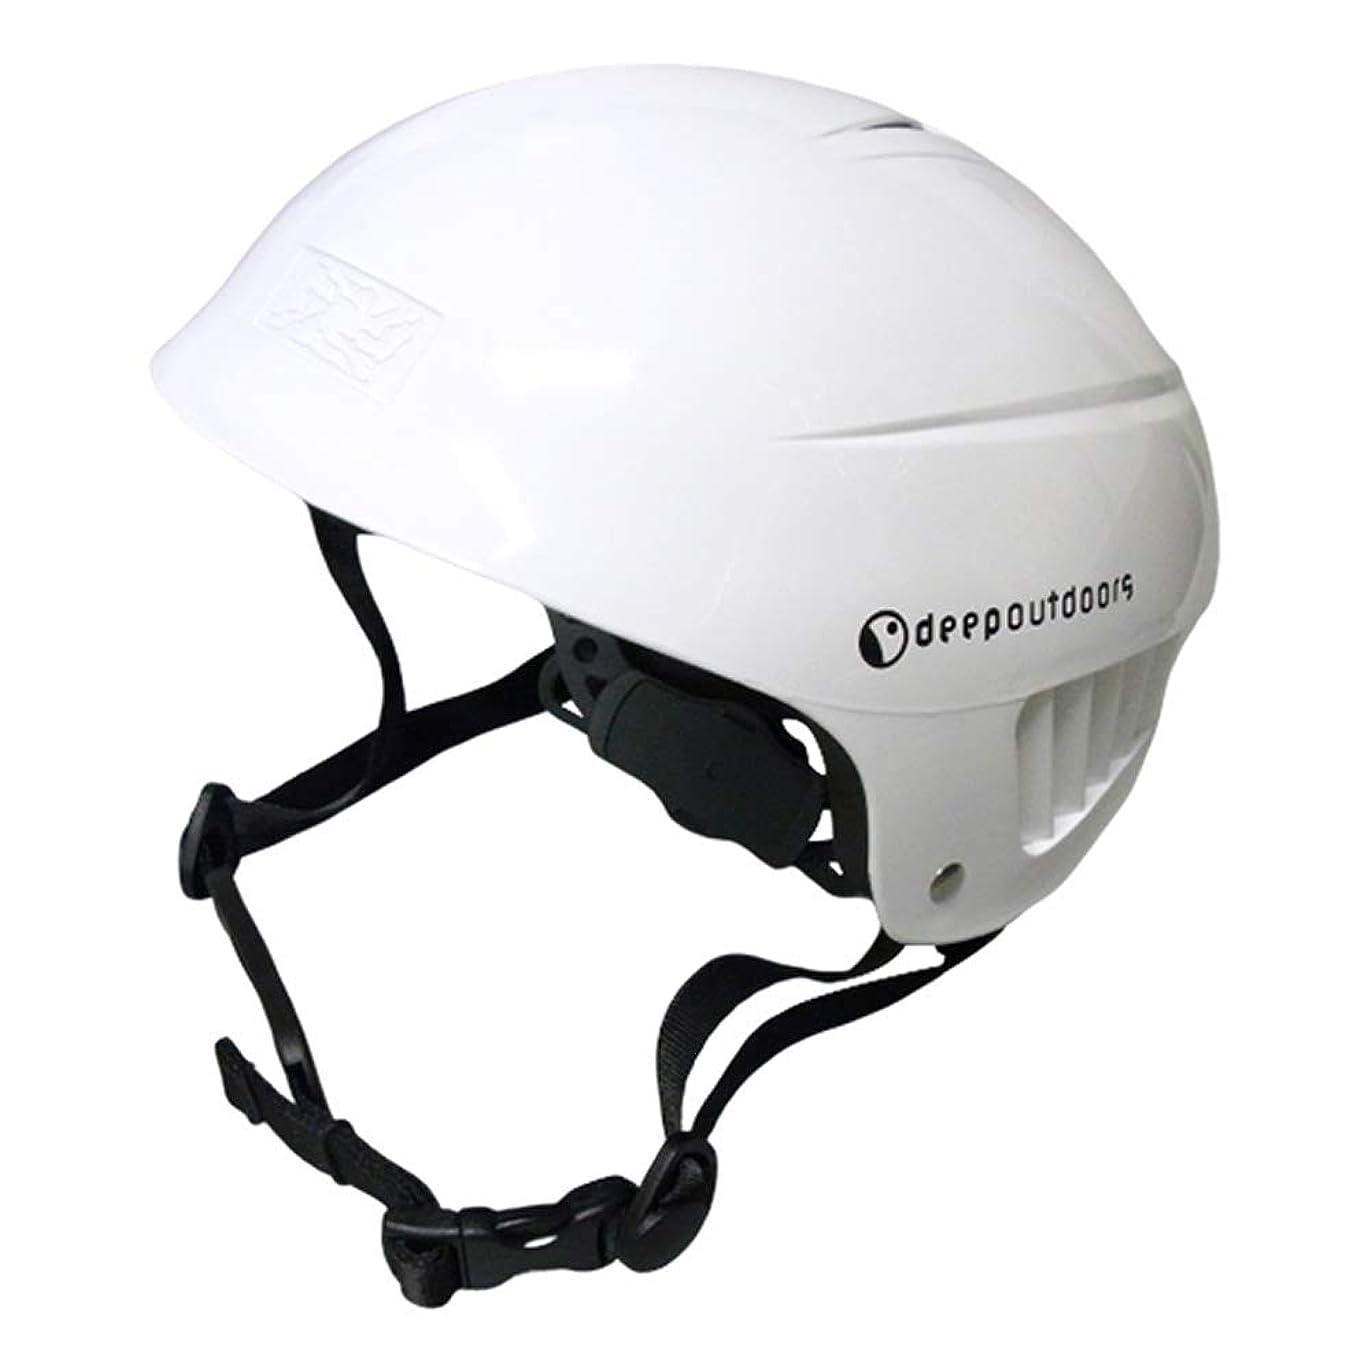 指スナック安全でないdeepoutdoors ディープアウトドア 子供用ヘルメット マウンテンバイク こども用 スケボー スケートボード BMX ラフティング キャニオニング スポーツヘルメット 子供 カヌー カヤック 登山 クライミング ウォータースポーツヘルメット 安全保護 キッズ お子様用 ジュニア